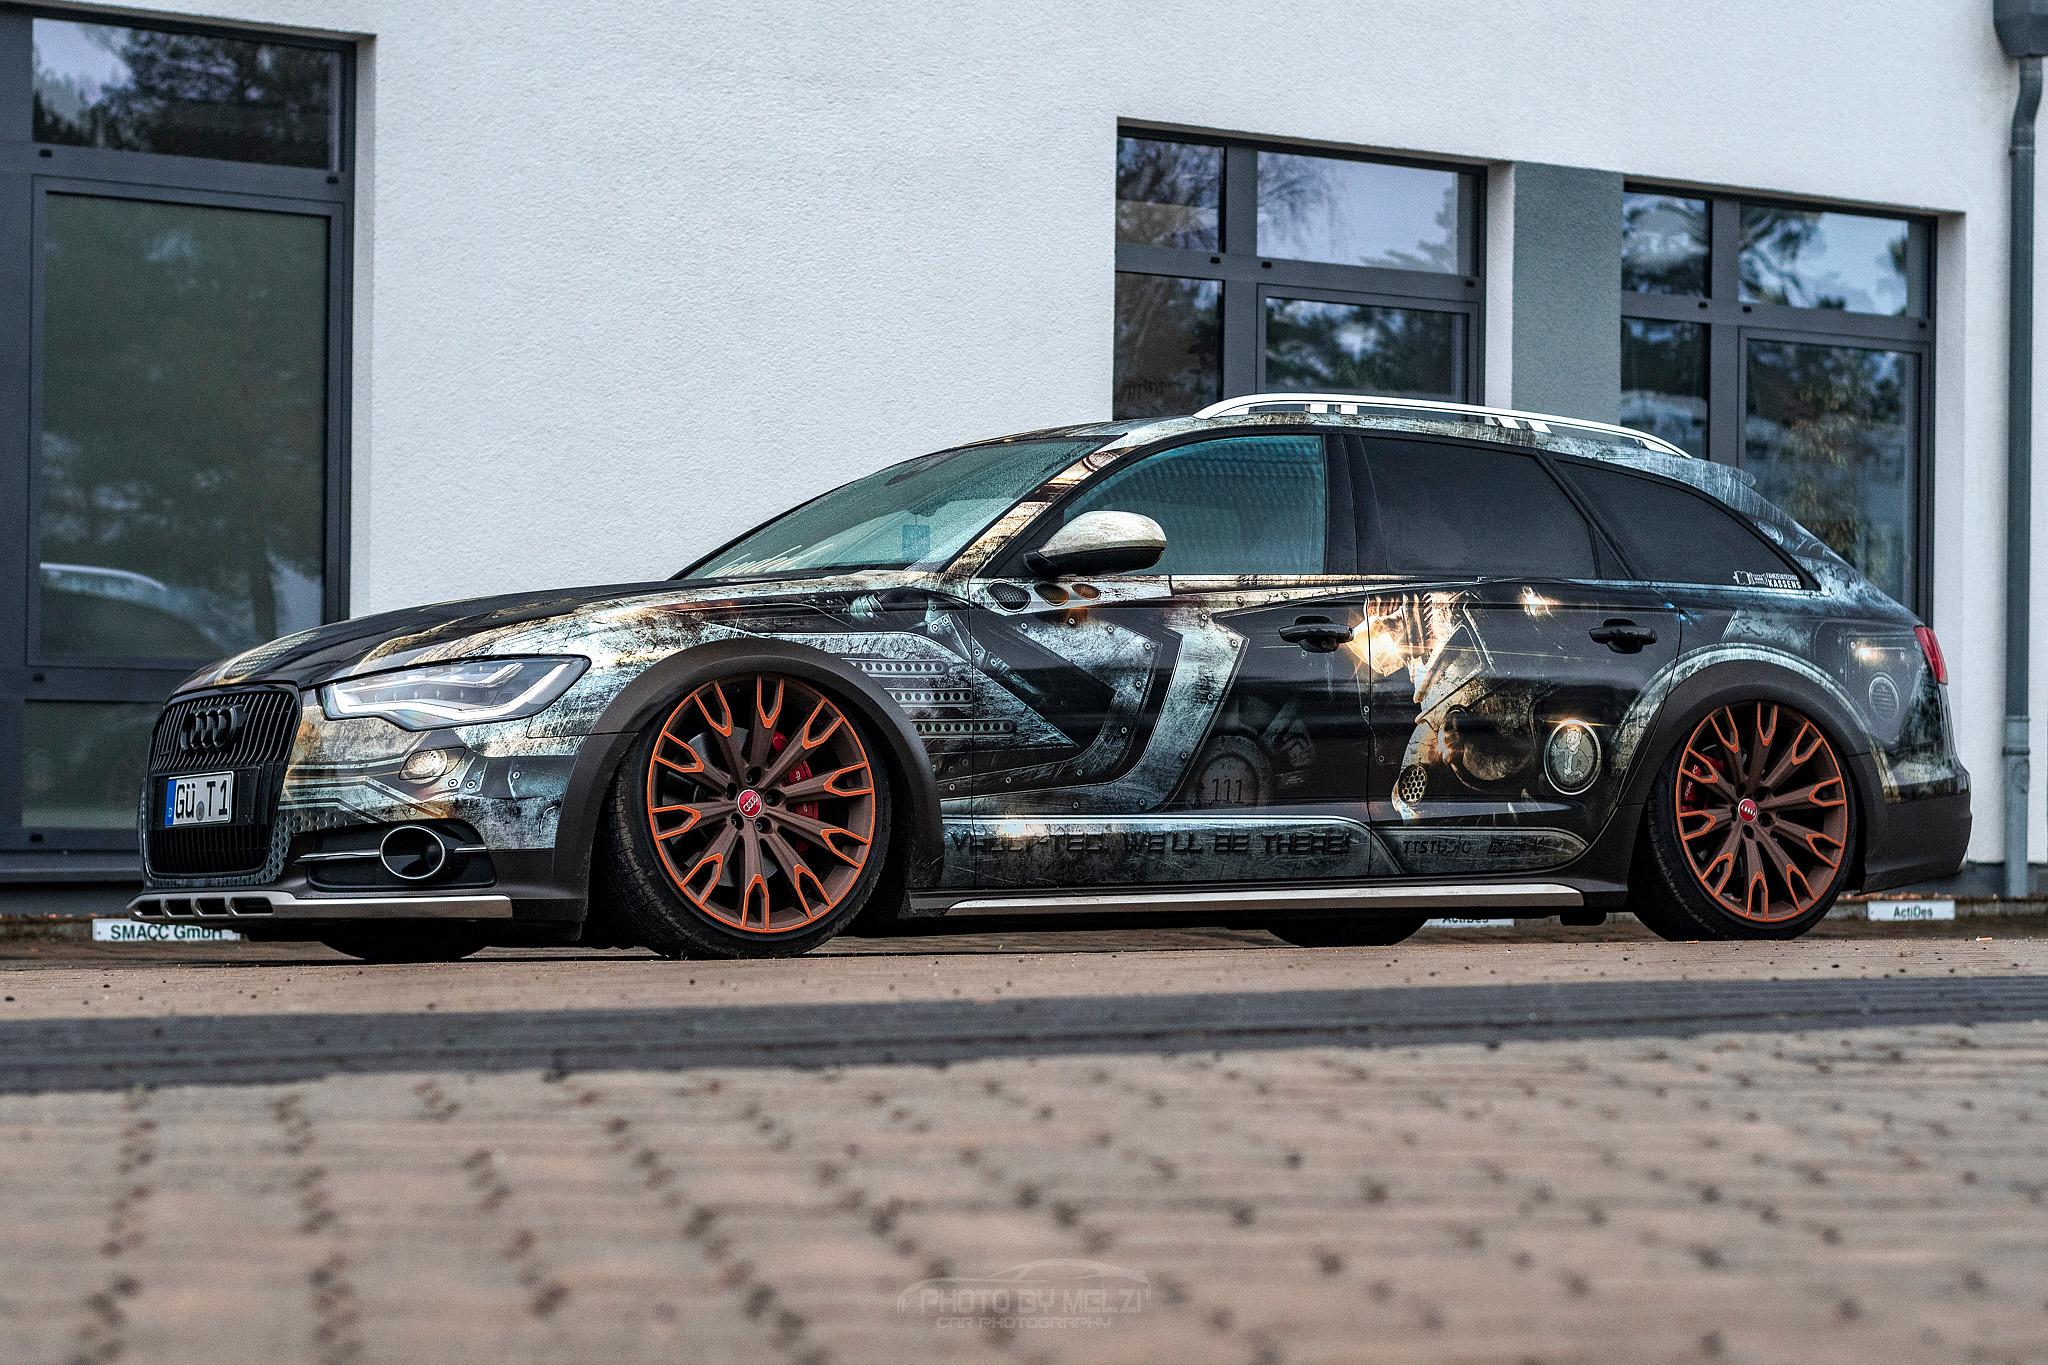 💥 Fallout Audi A6 💥